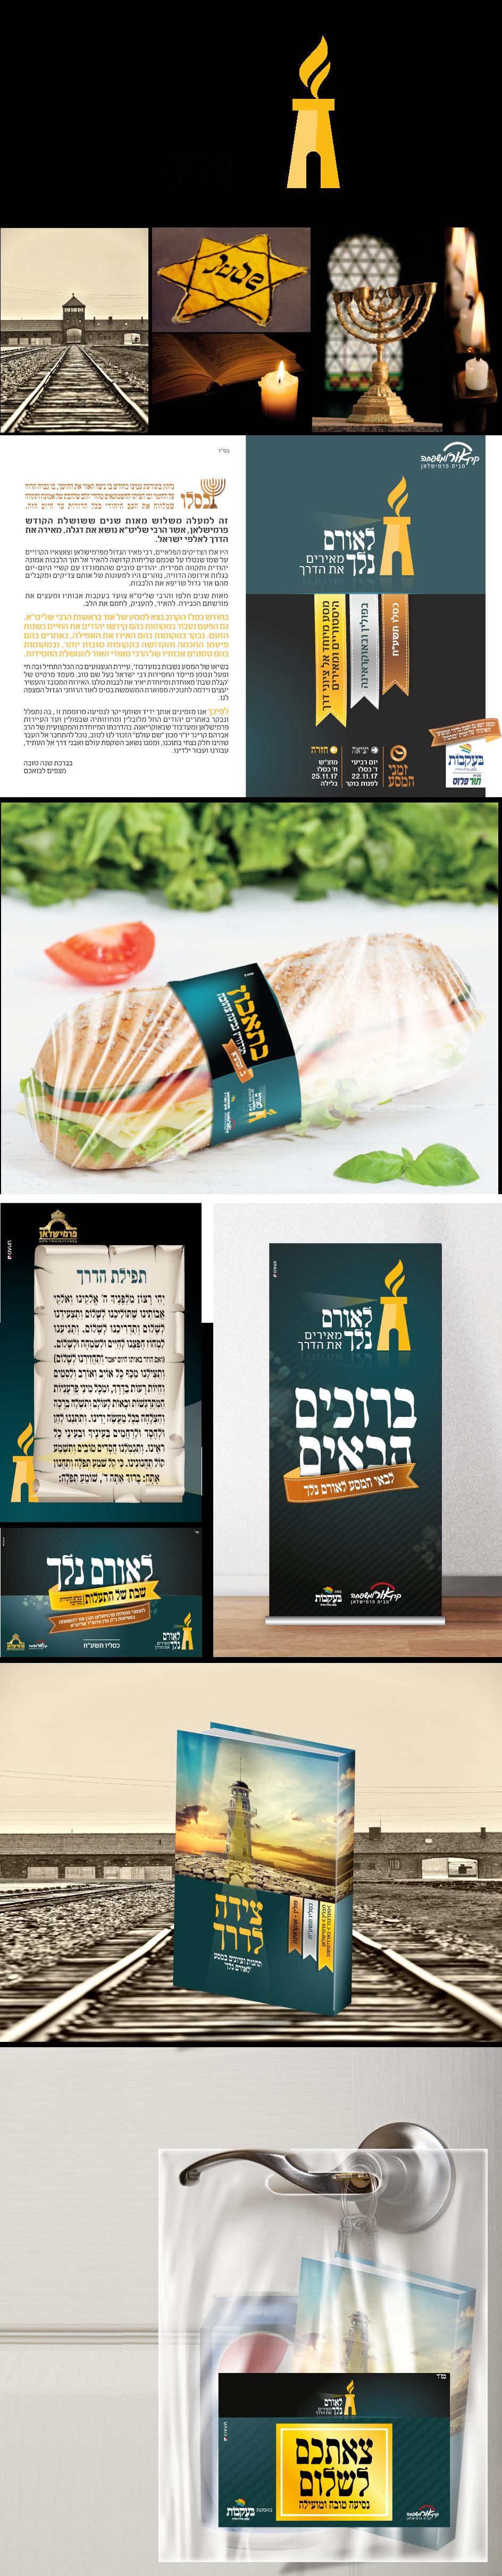 מיתוג באור יהודי לאורם נלך - תמונת כותרת